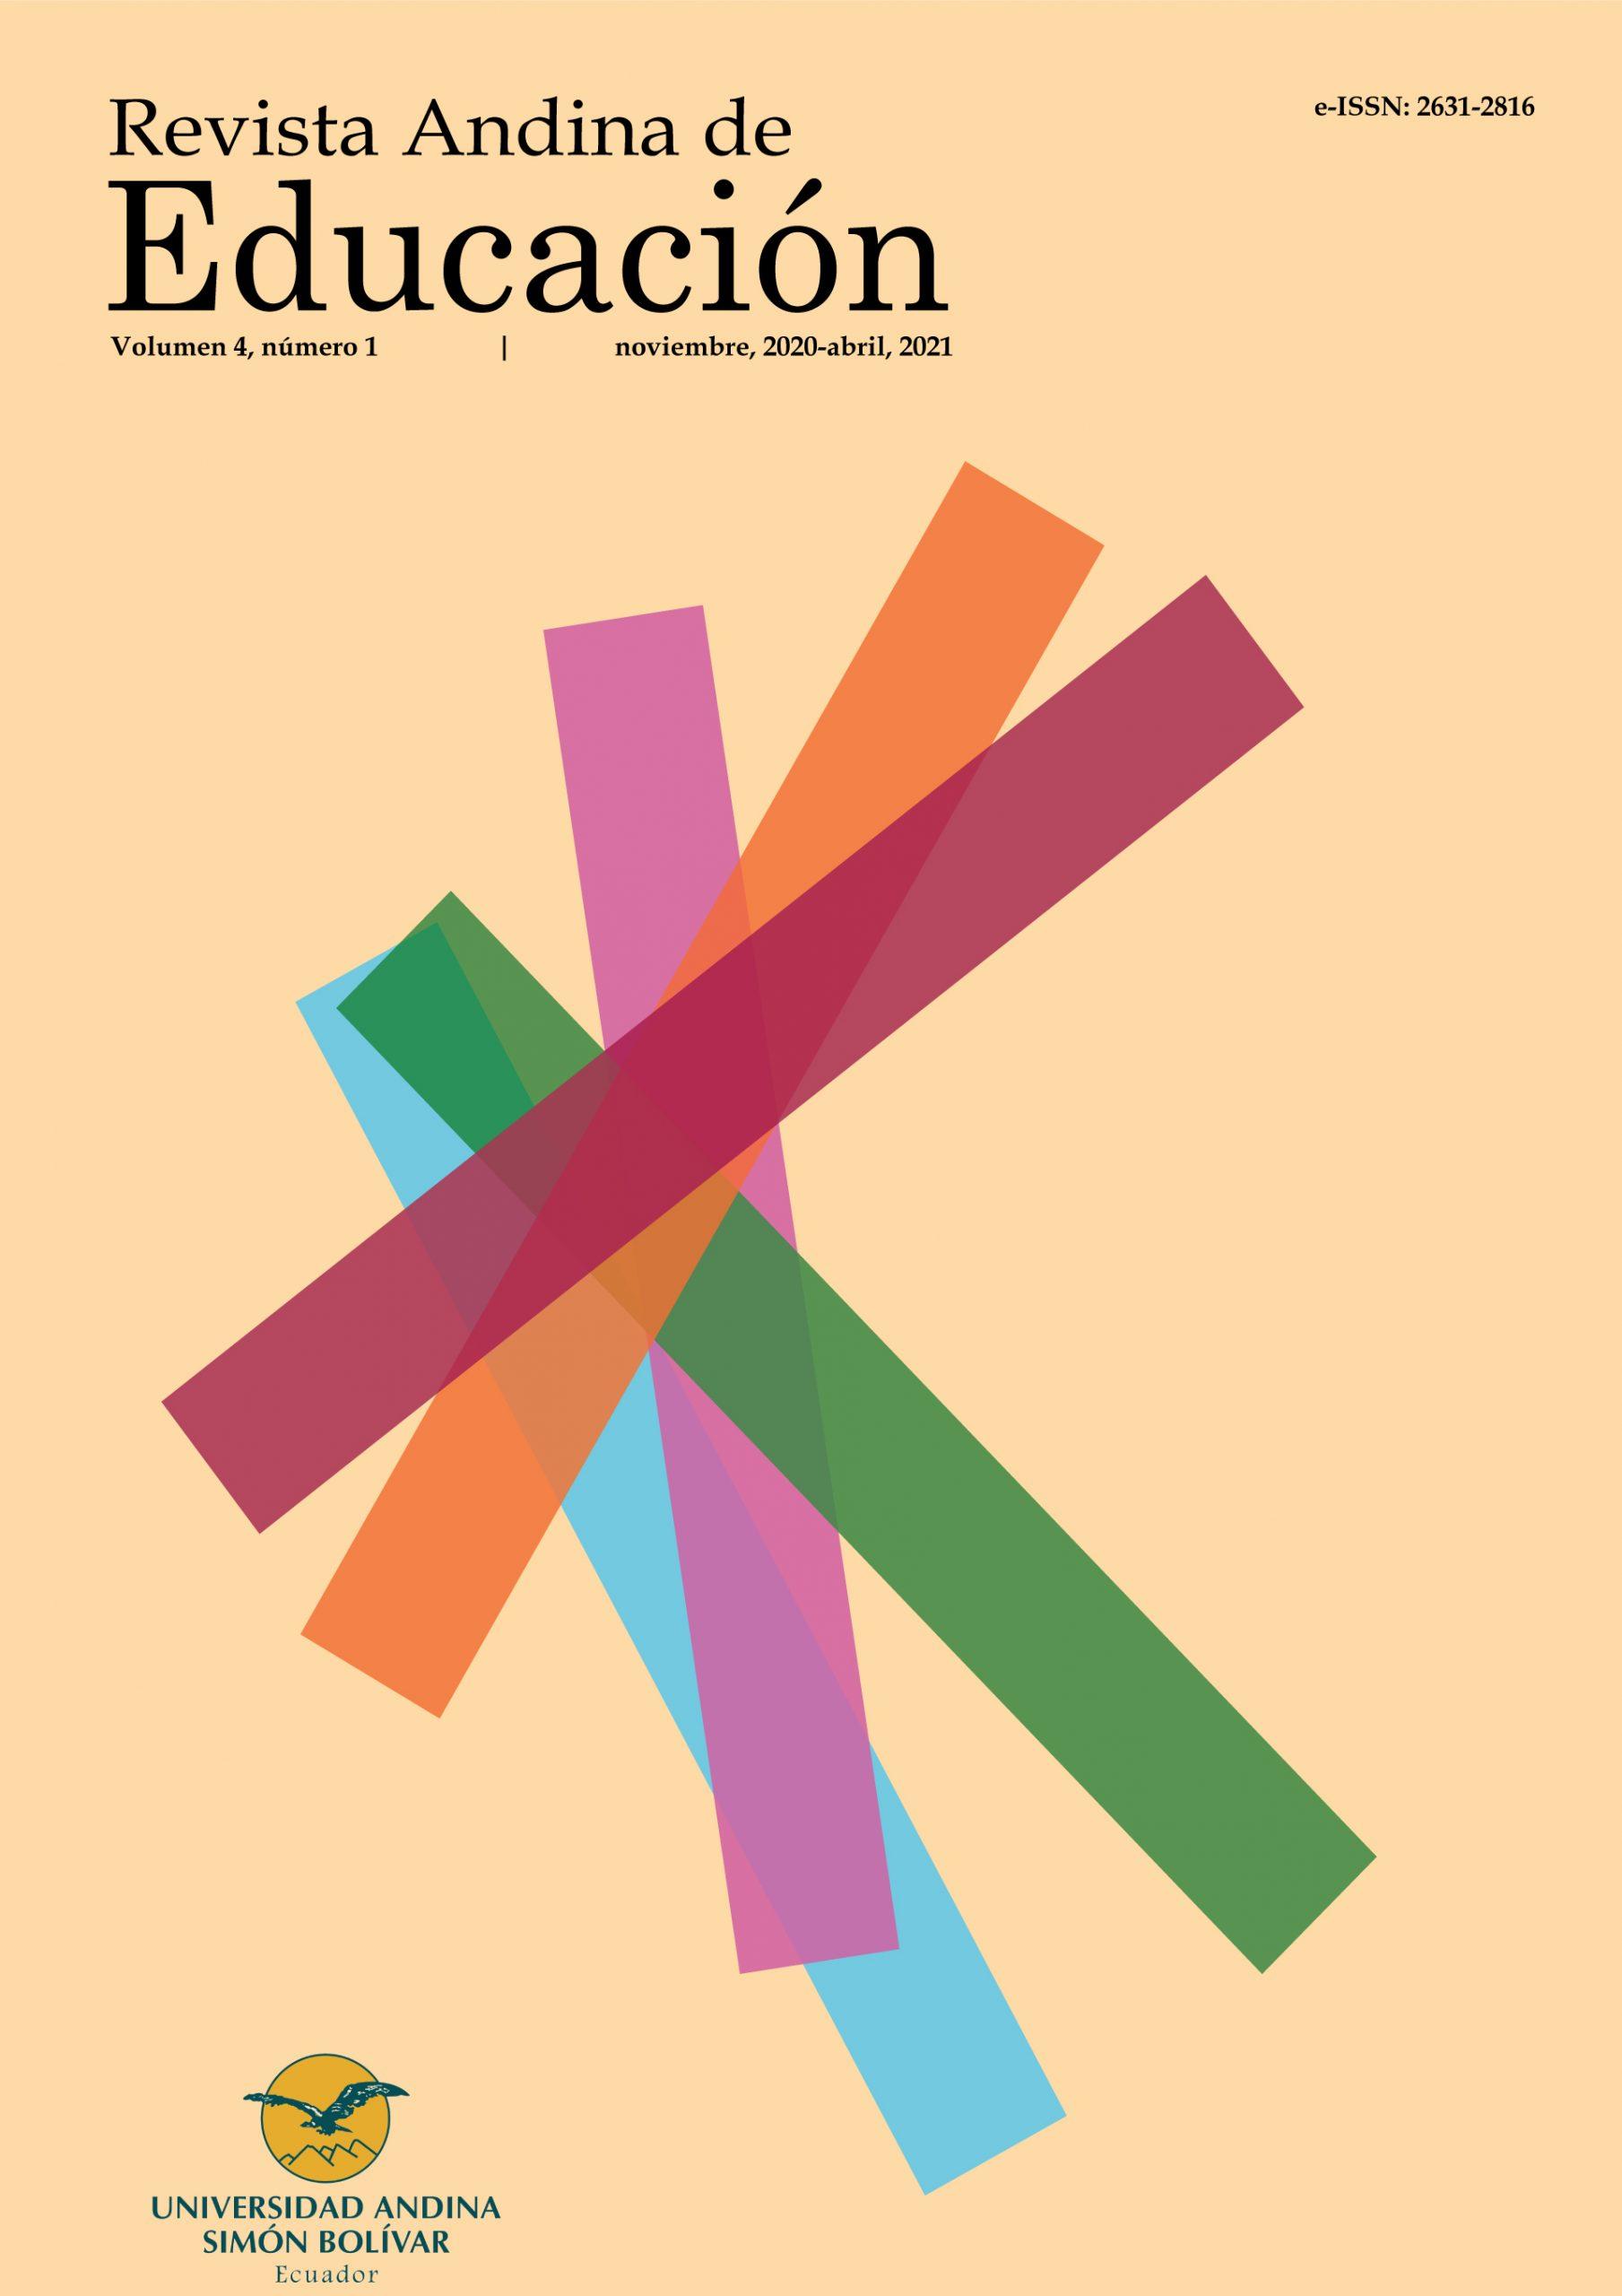 Revista Andina de Educación